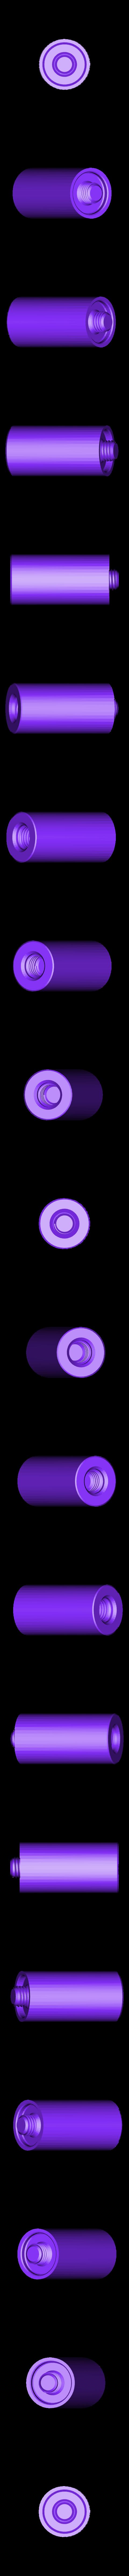 95mm_BigRod.STL Télécharger fichier STL gratuit Le porte-bobine universel - Page principale • Design pour imprimante 3D, Balkhagal4D